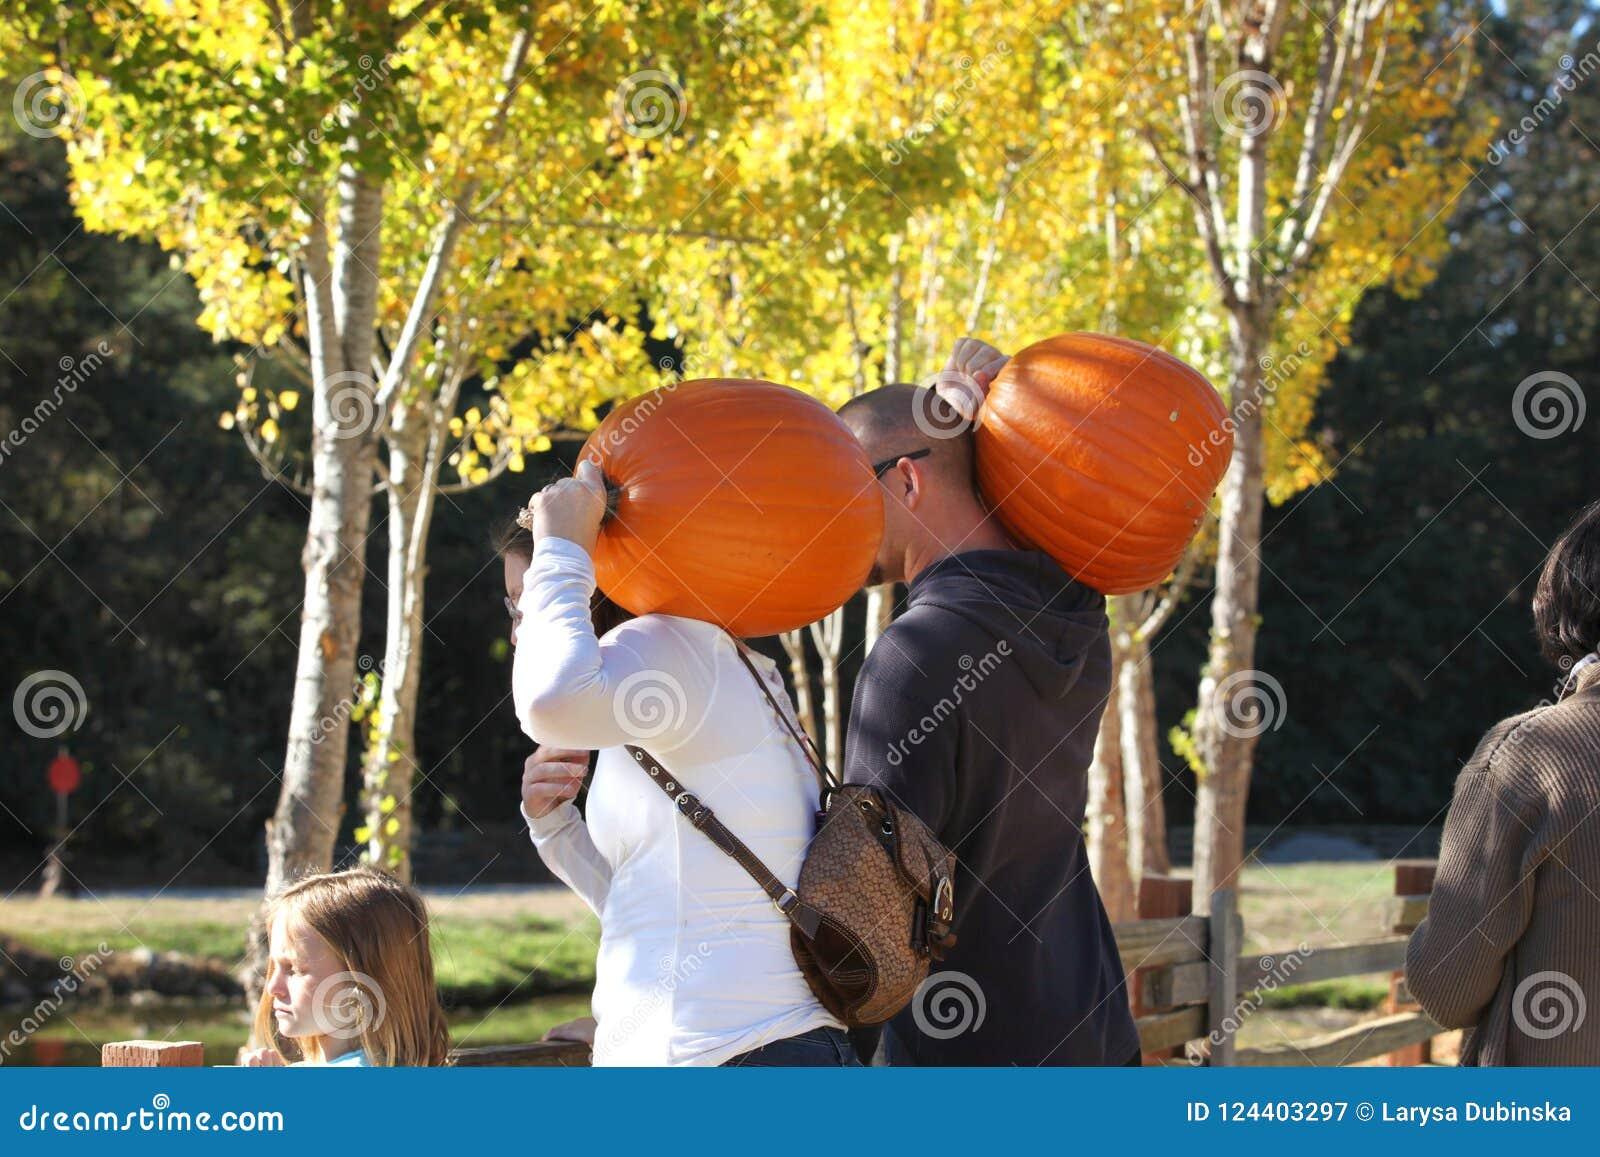 California США Октябрь 2012 Молодая семья с тыквами на их плечах идет отпраздновать хеллоуин